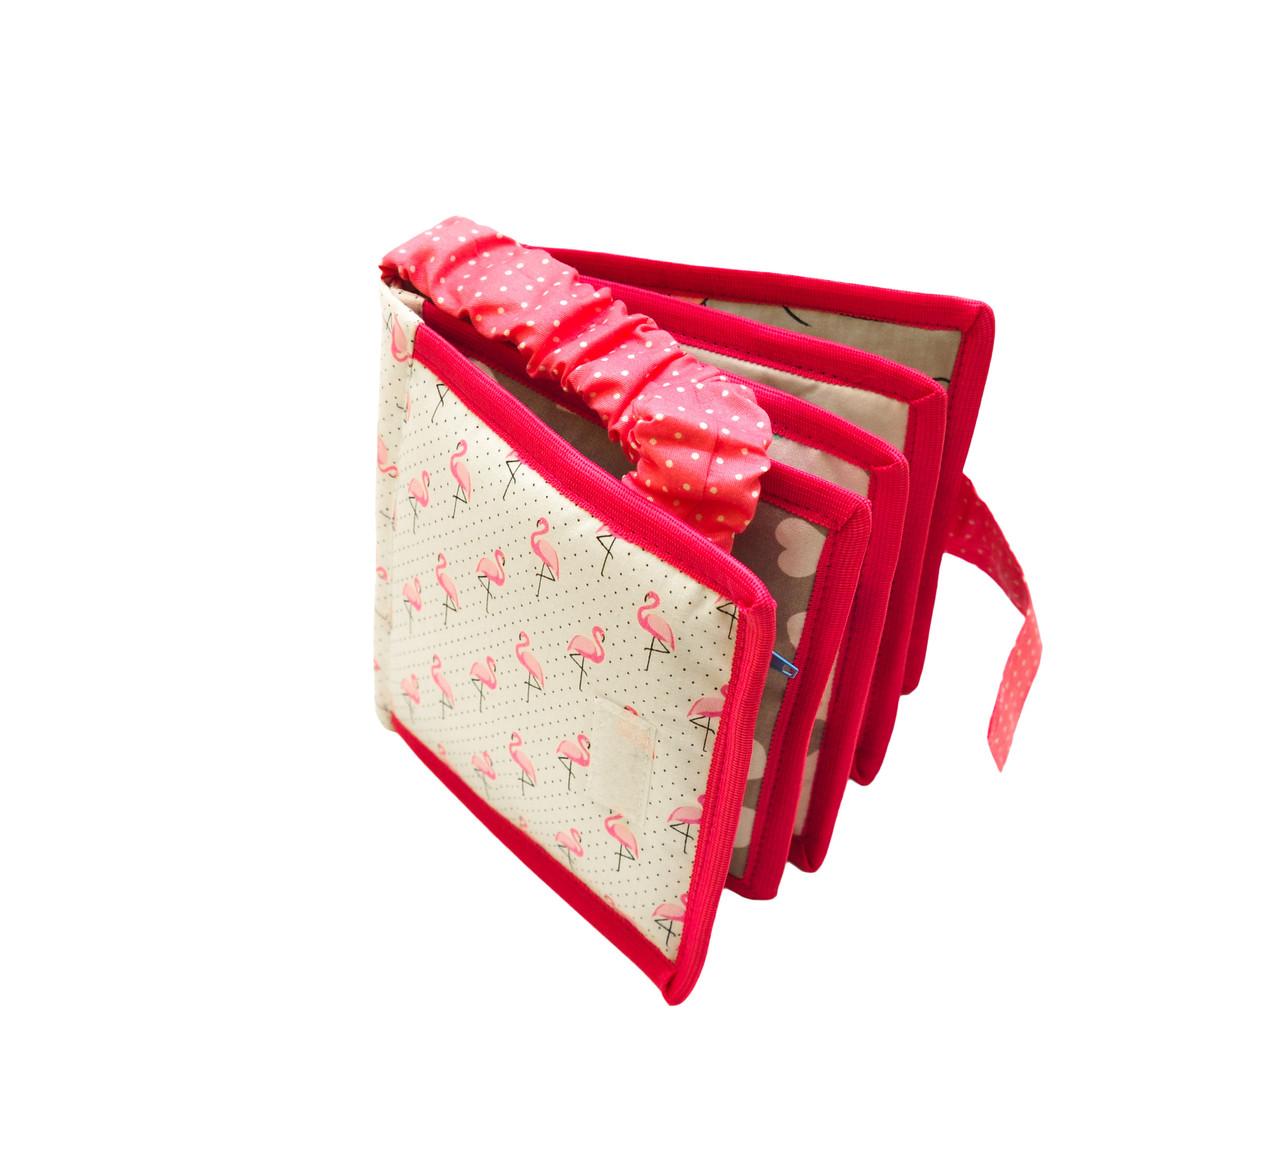 3д книга с фетра, Книжка из фетра для девочки Handmade, 10 страниц